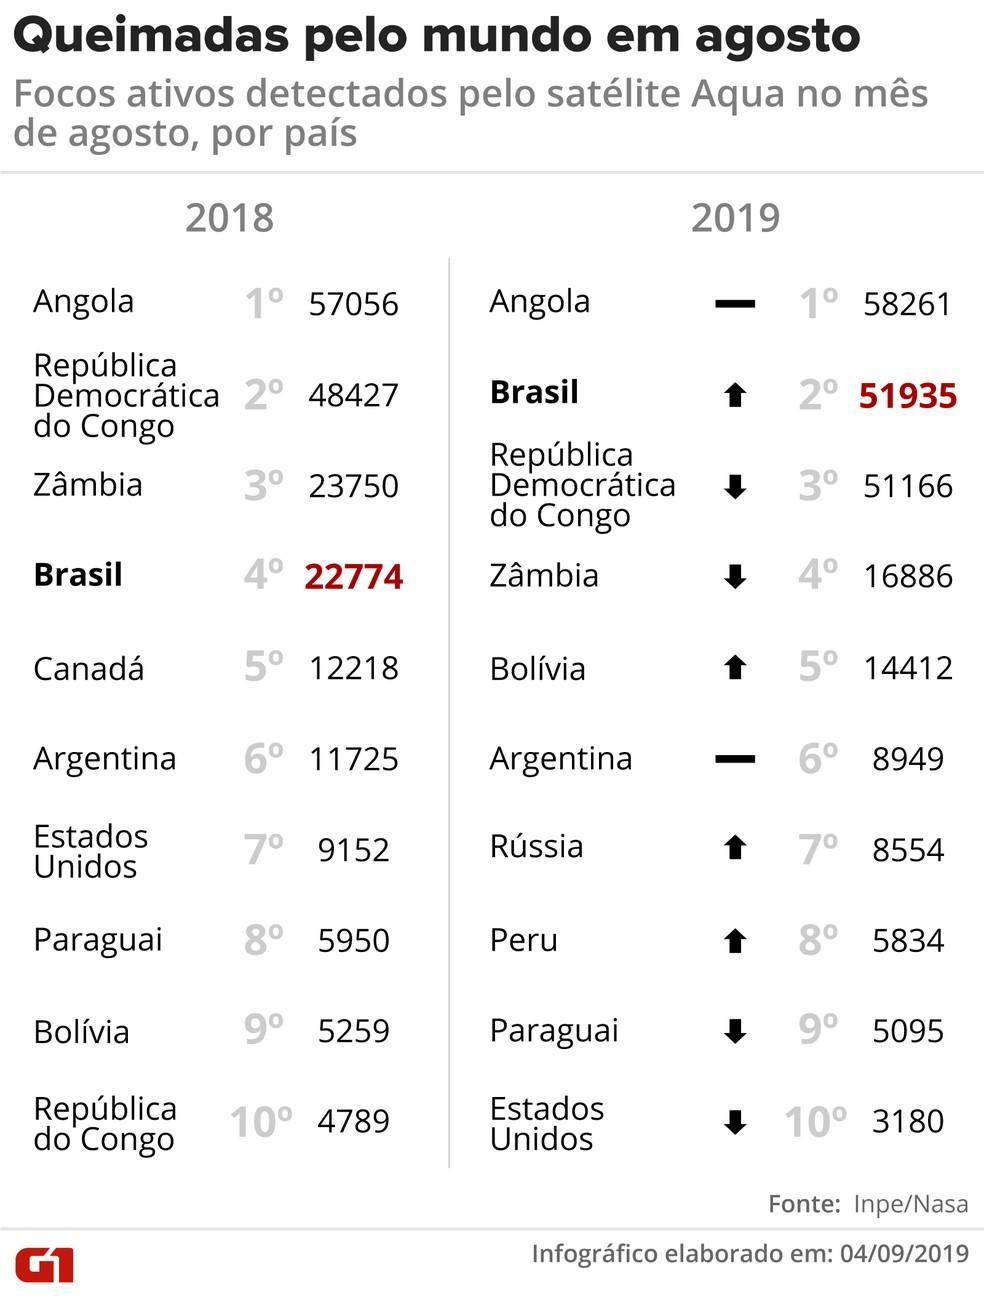 Queimadas pelo mundo em agosto de 2018 e 2019 — Foto: Rodrigo Sanches/G1